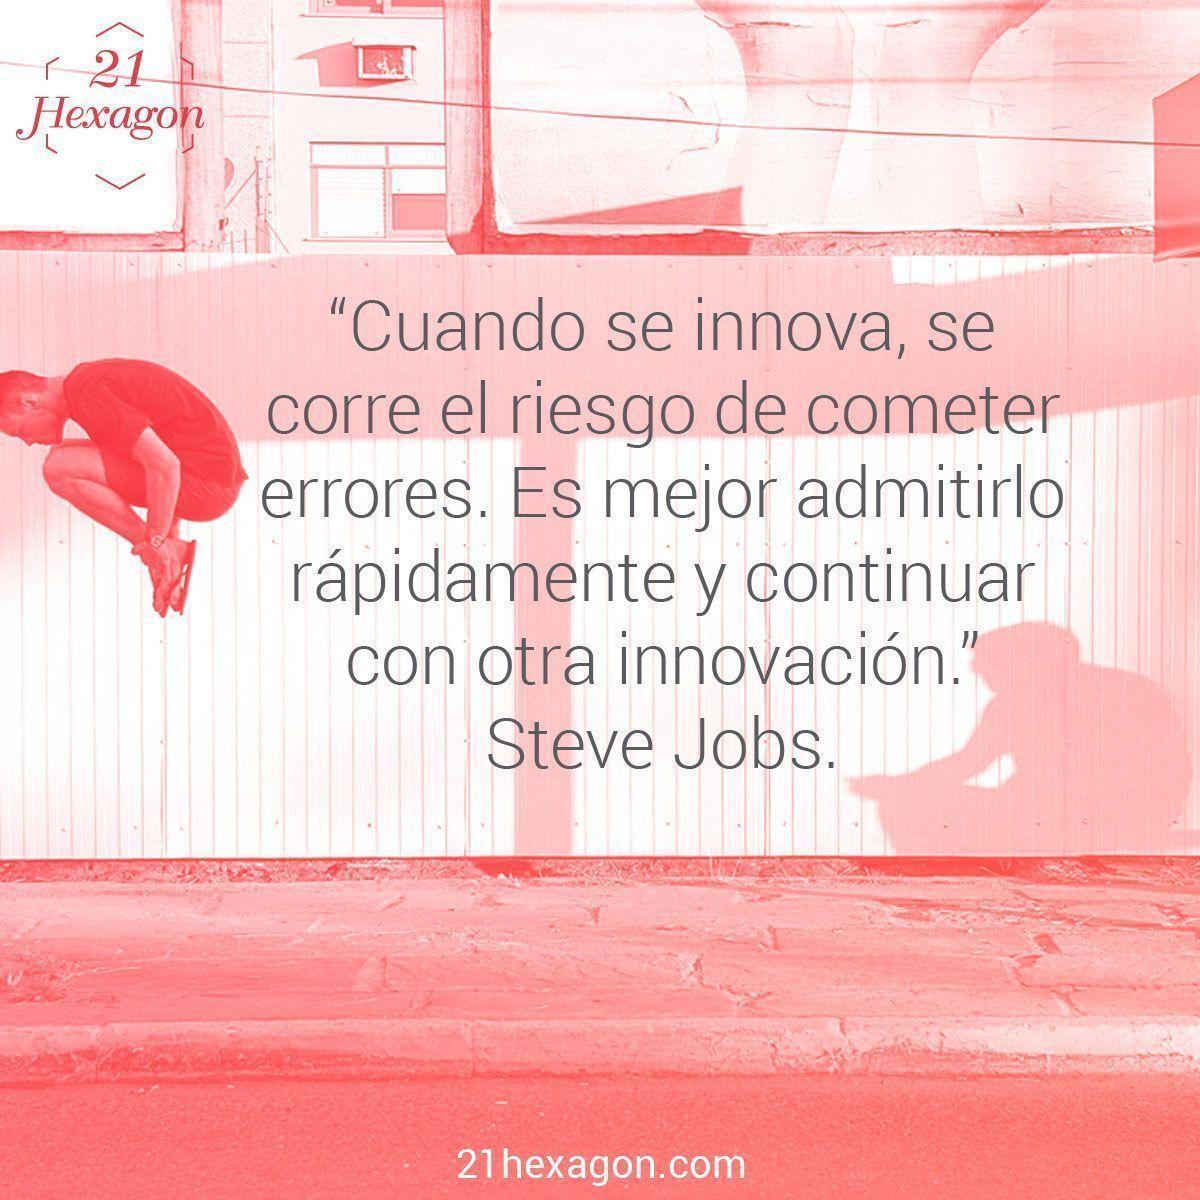 quotes_21hexagon_1.jpg